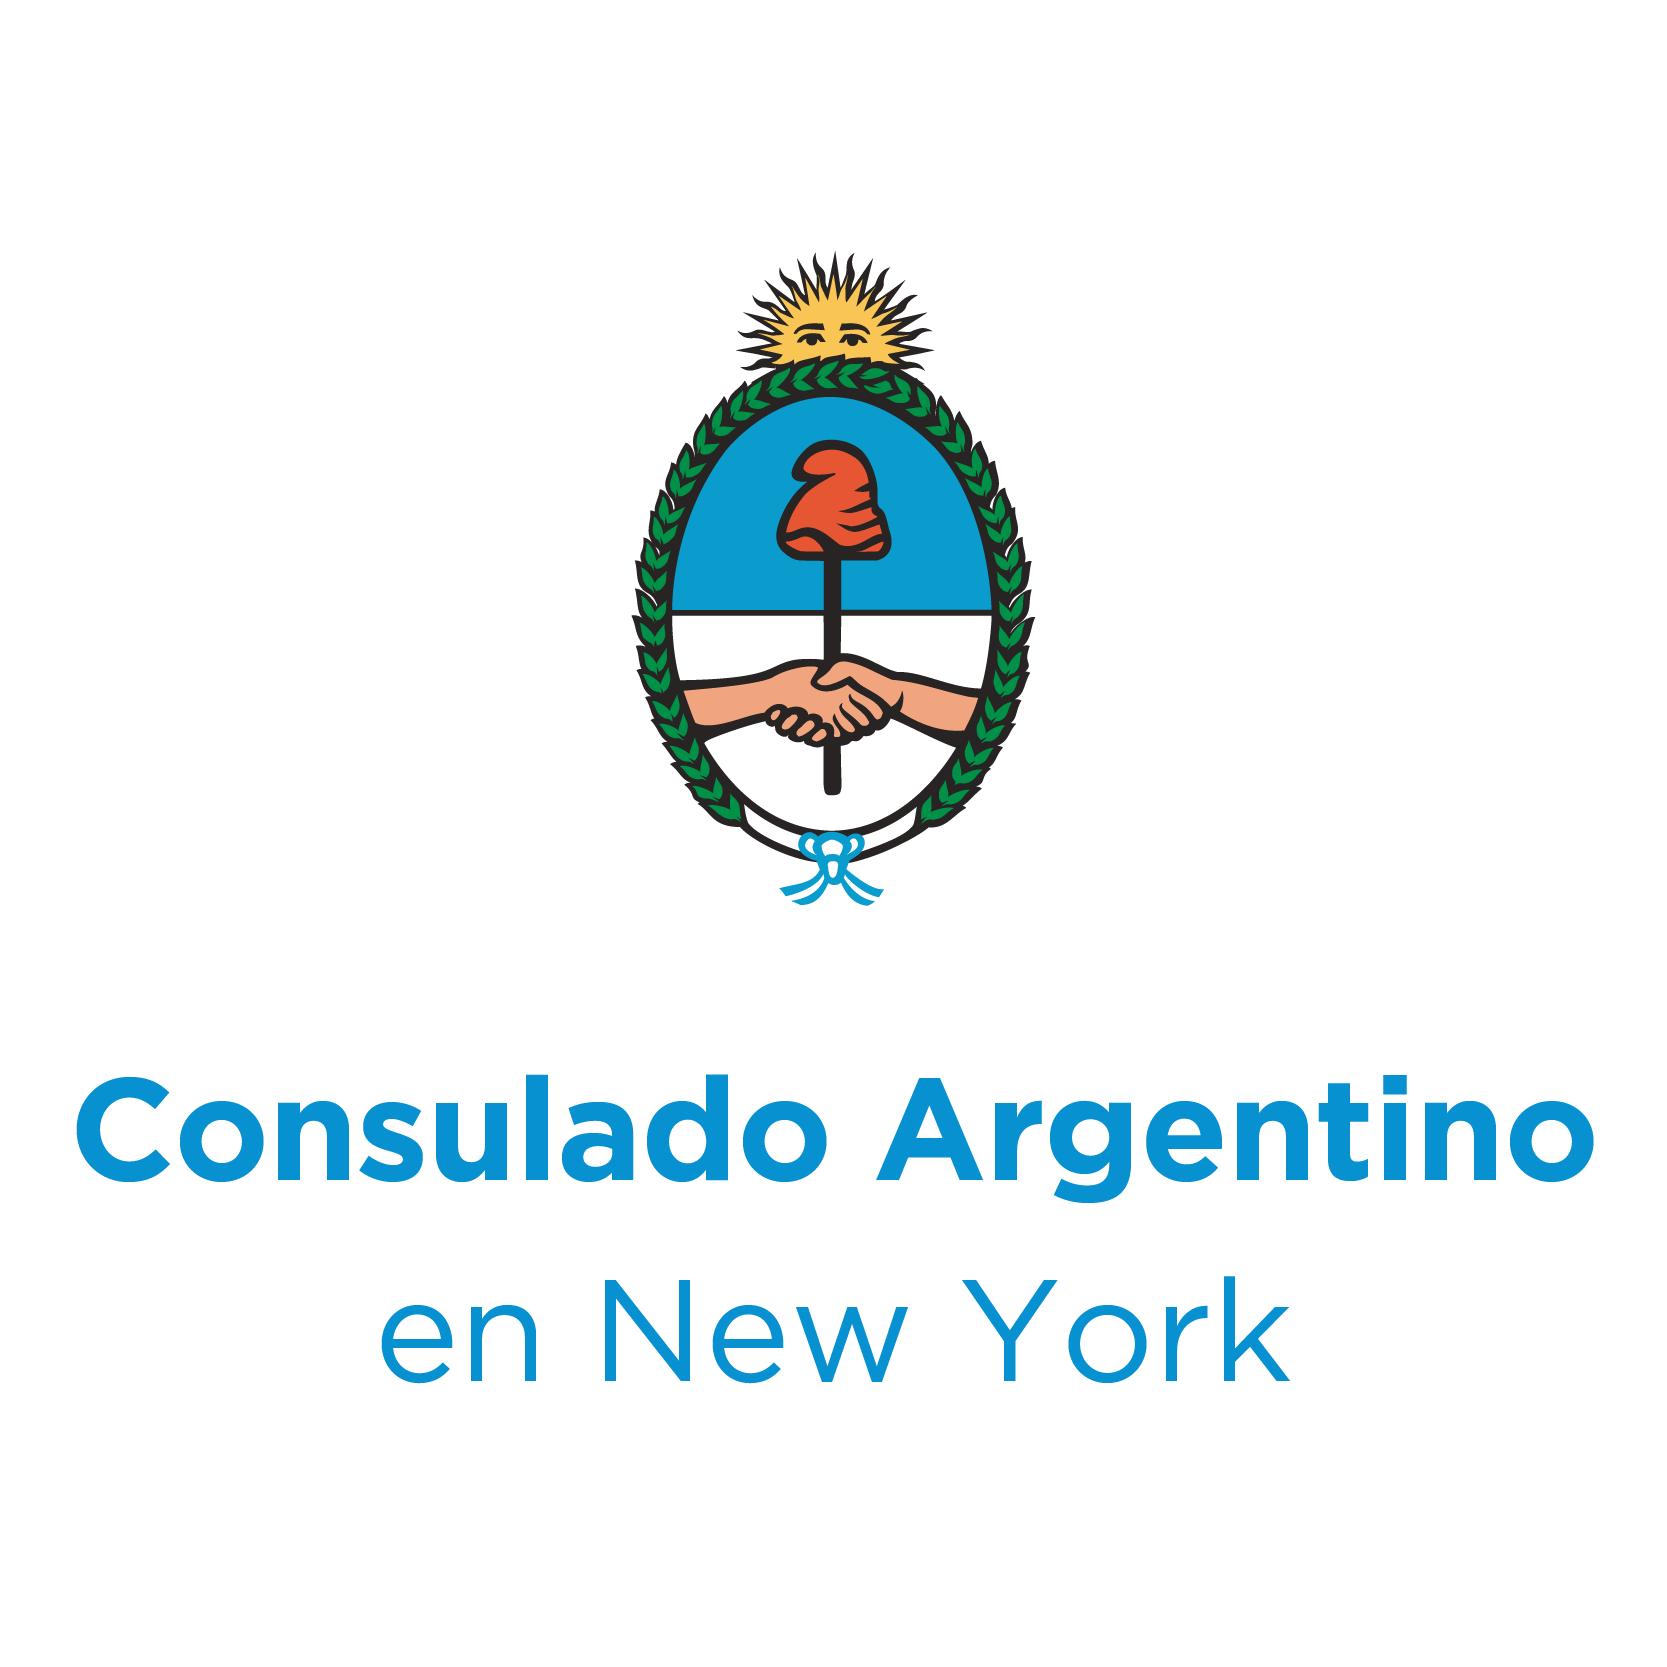 Consulado Argentino en NY